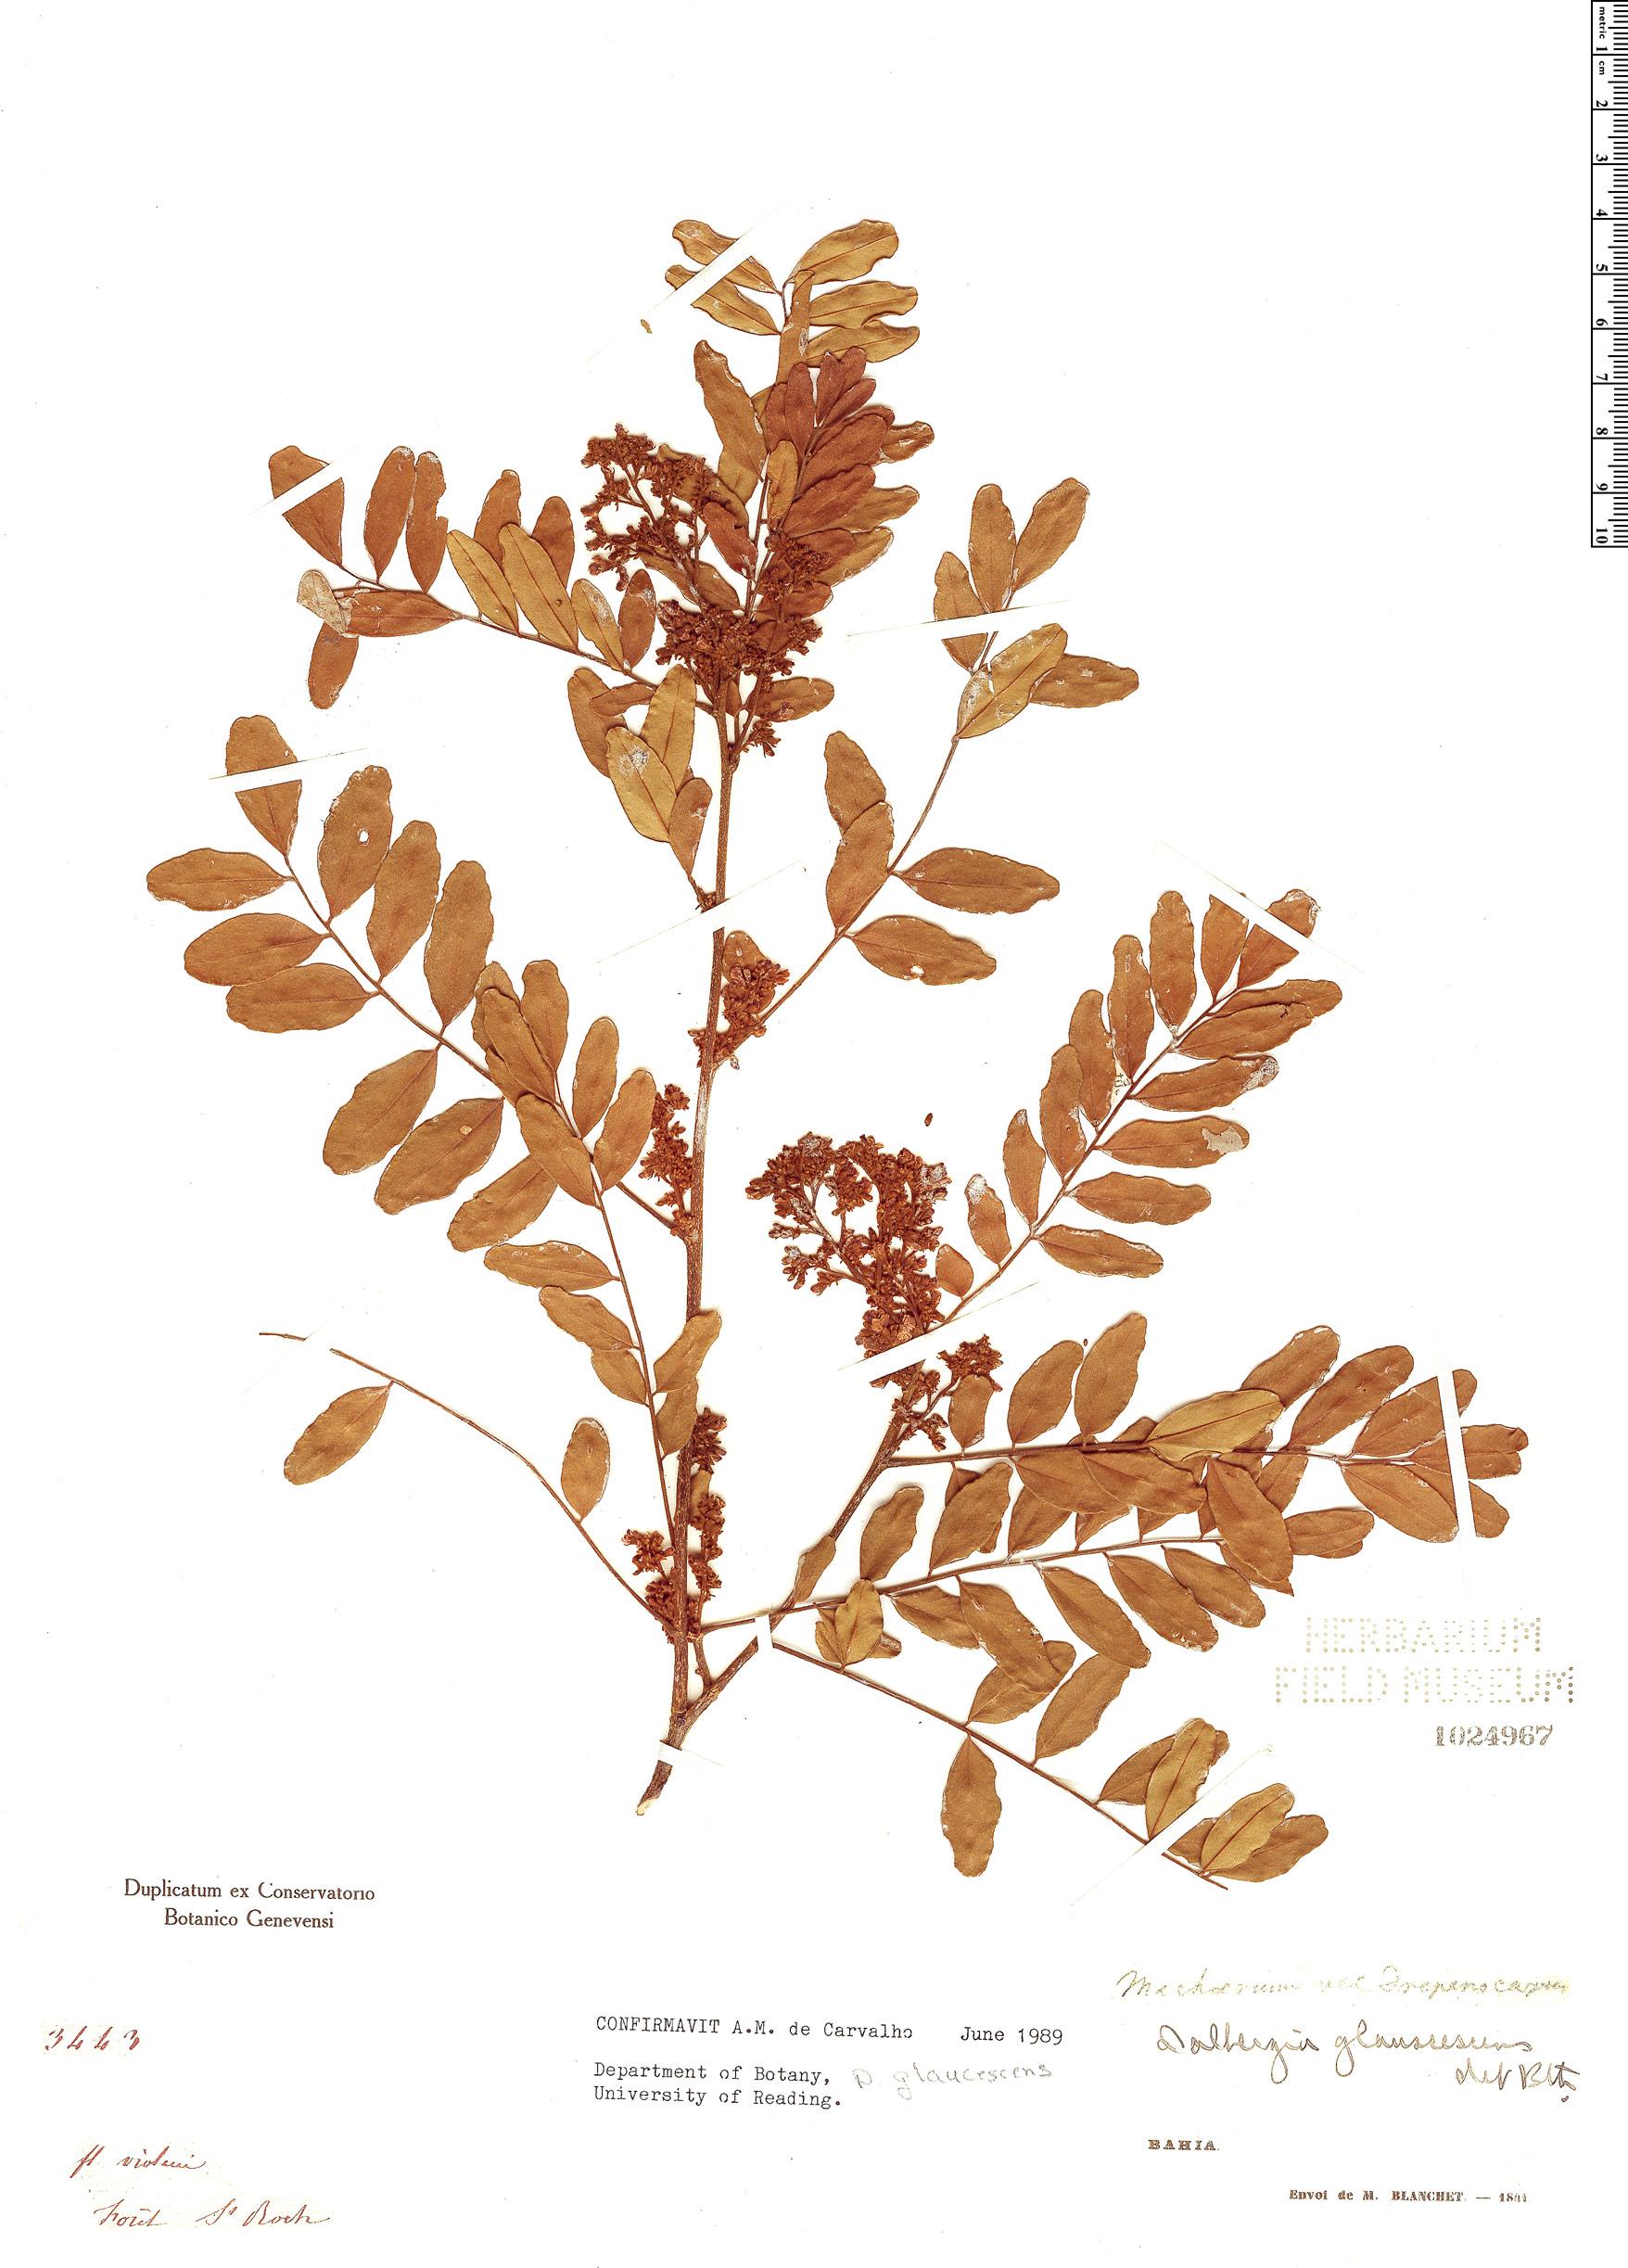 Espécimen: Dalbergia glaucescens